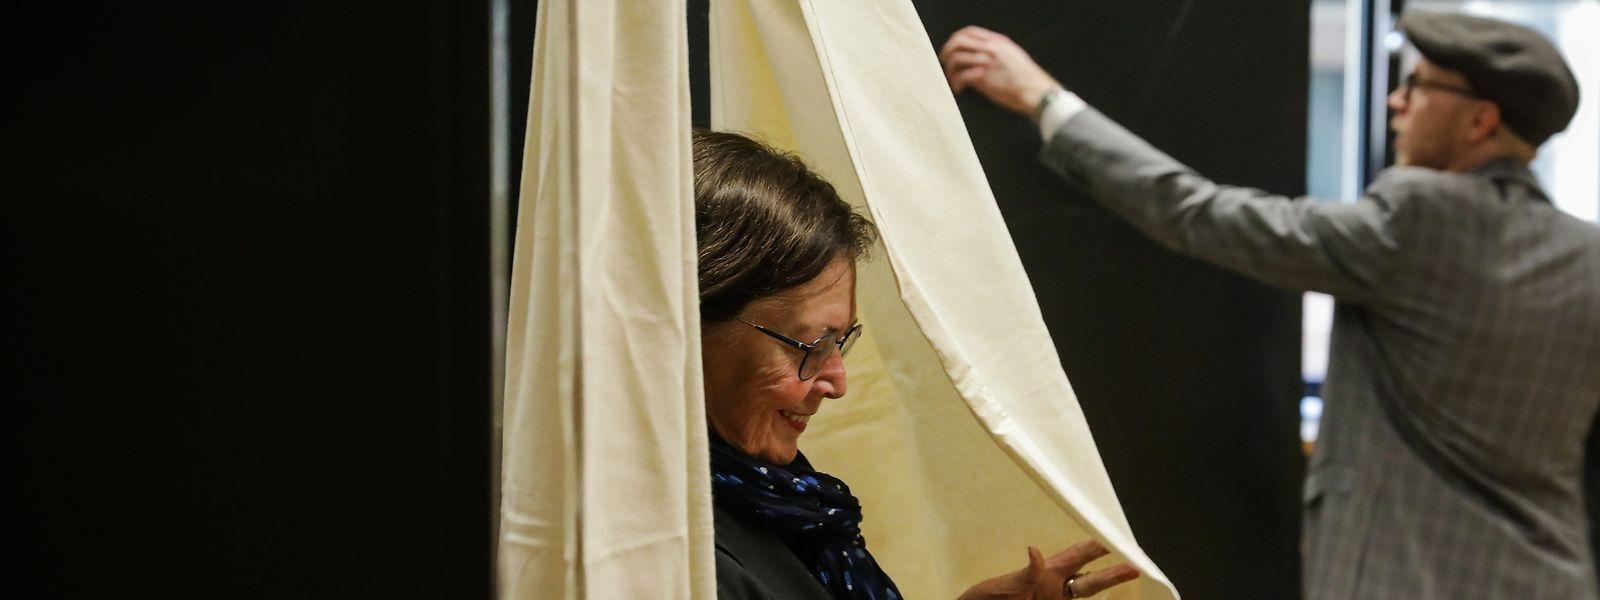 In Luxemburg hat nicht jede Wählerstimme das gleiche Gewicht auf den Wahlausgang. Schuld an dieser Verzerrung ist das veraltete Wahlsystem.